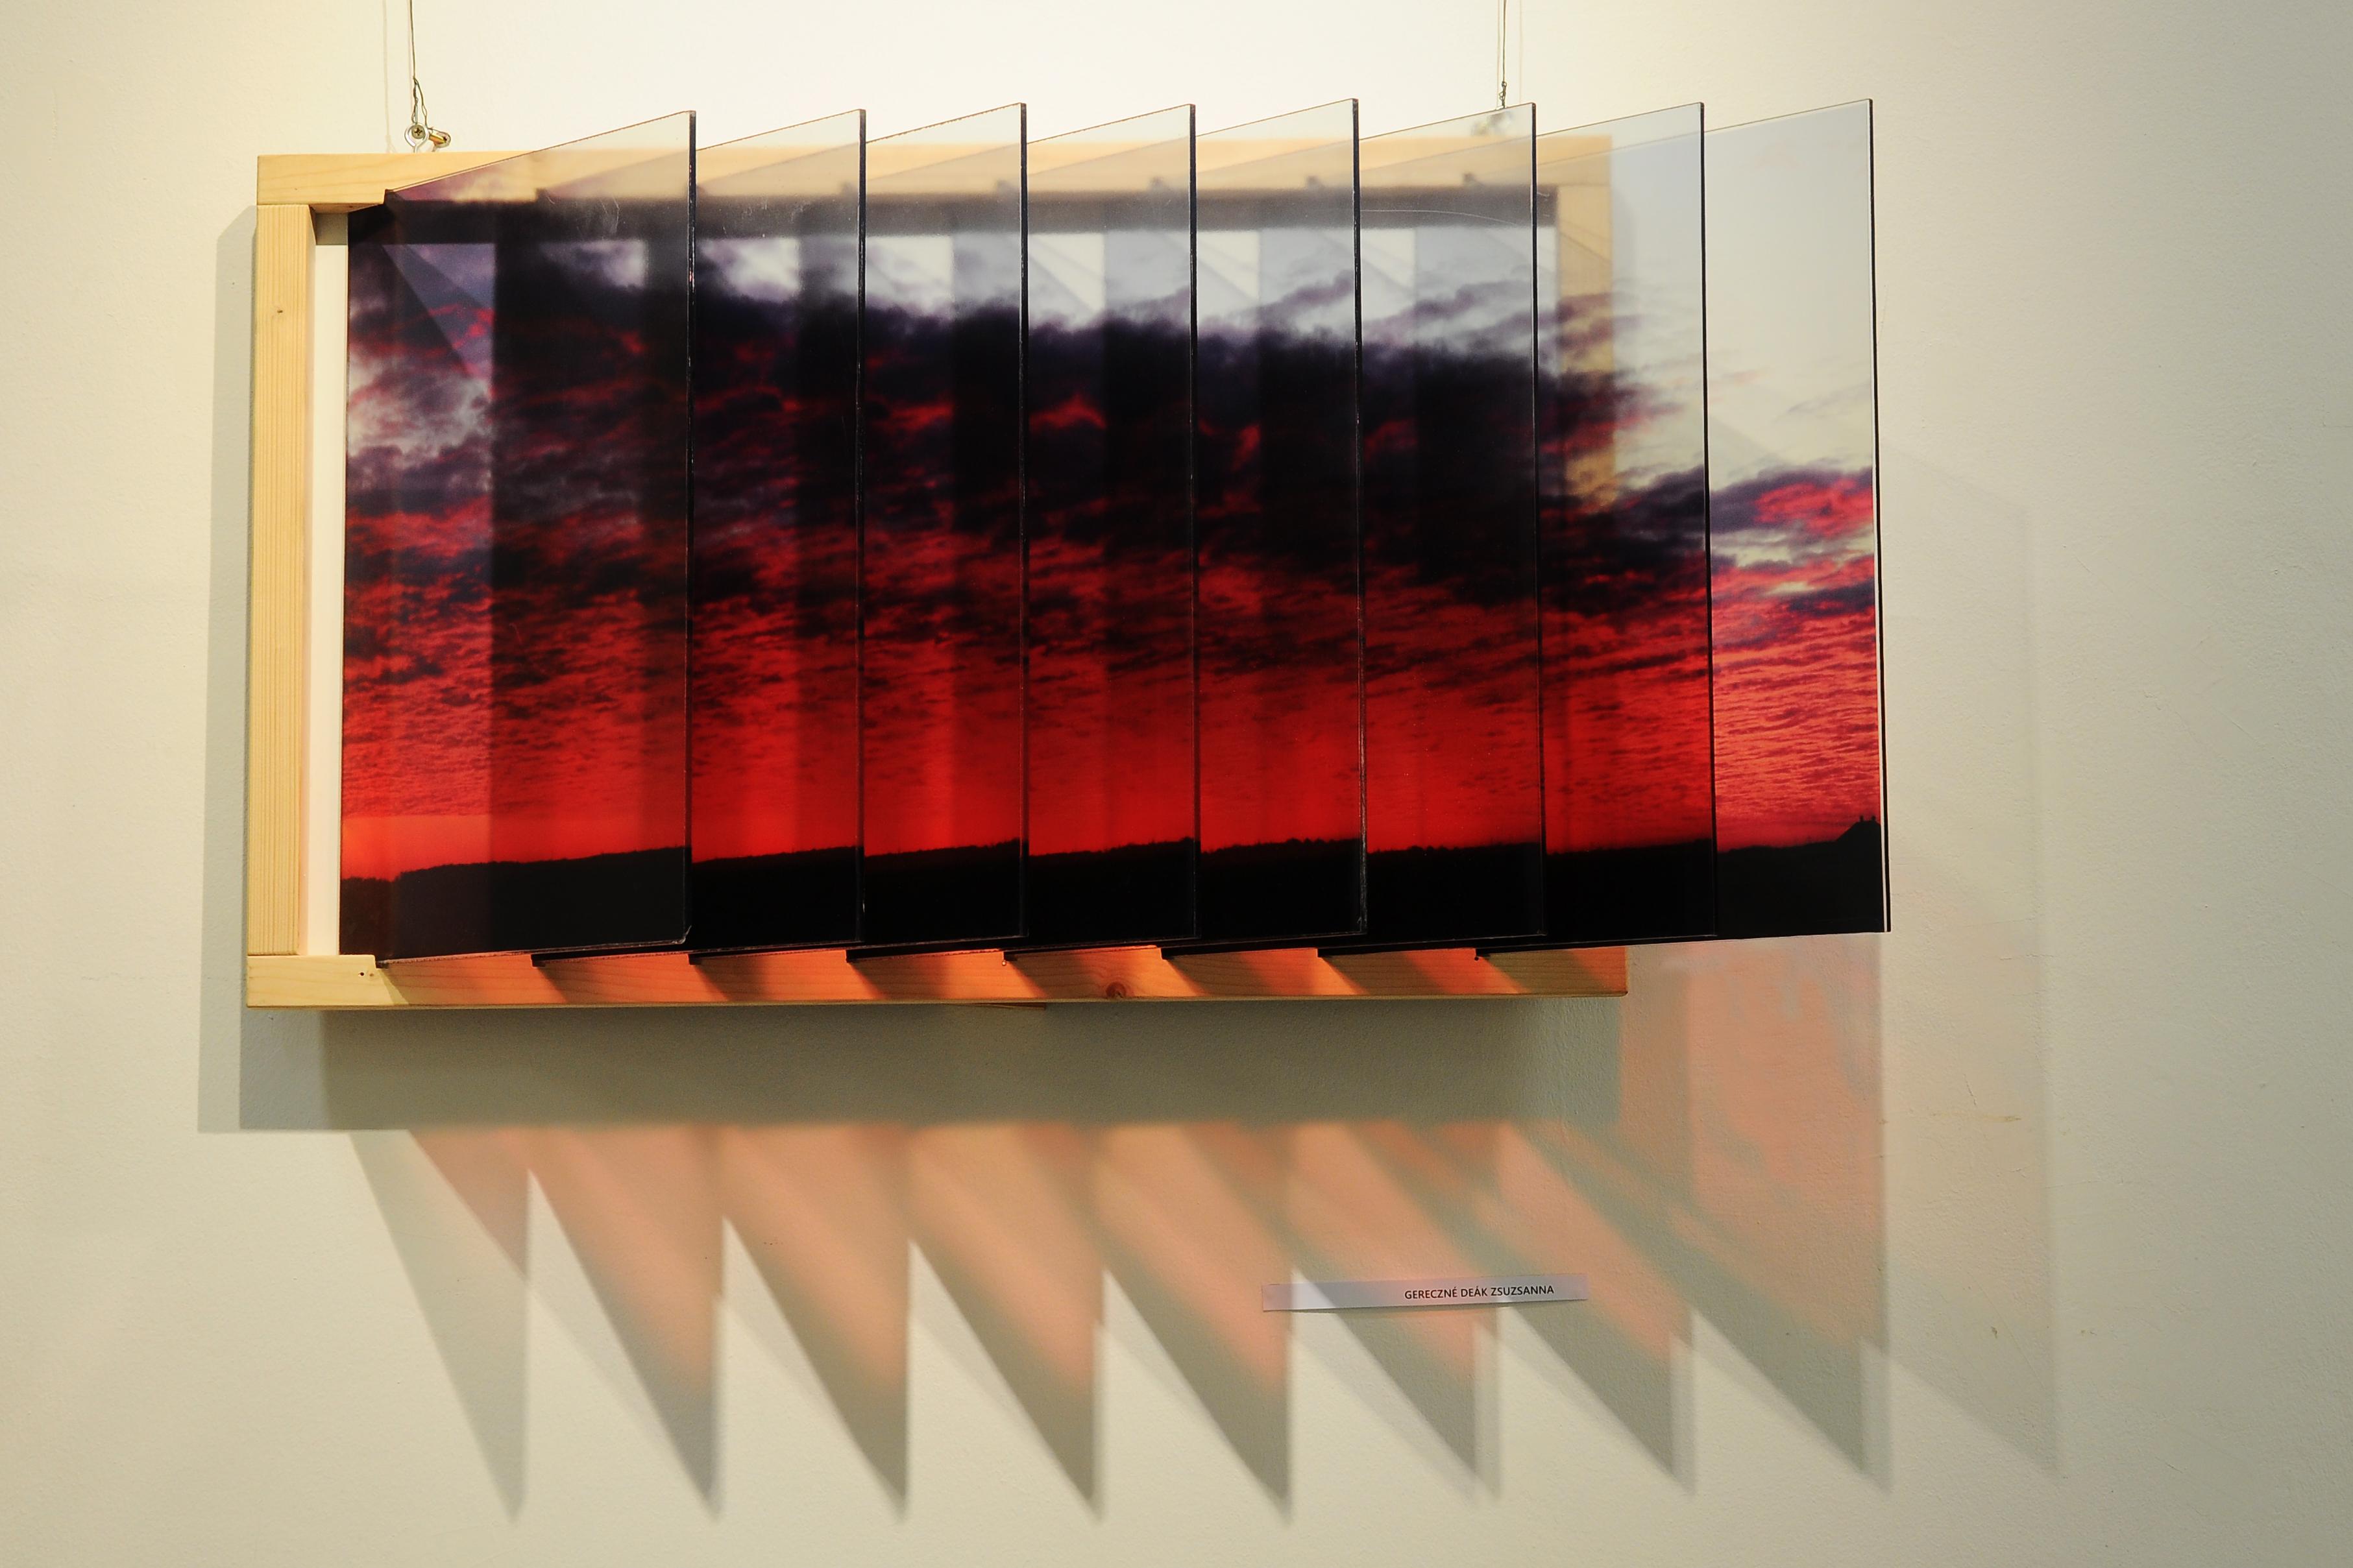 Címe: Március végén, Mérete: 55x88 cm